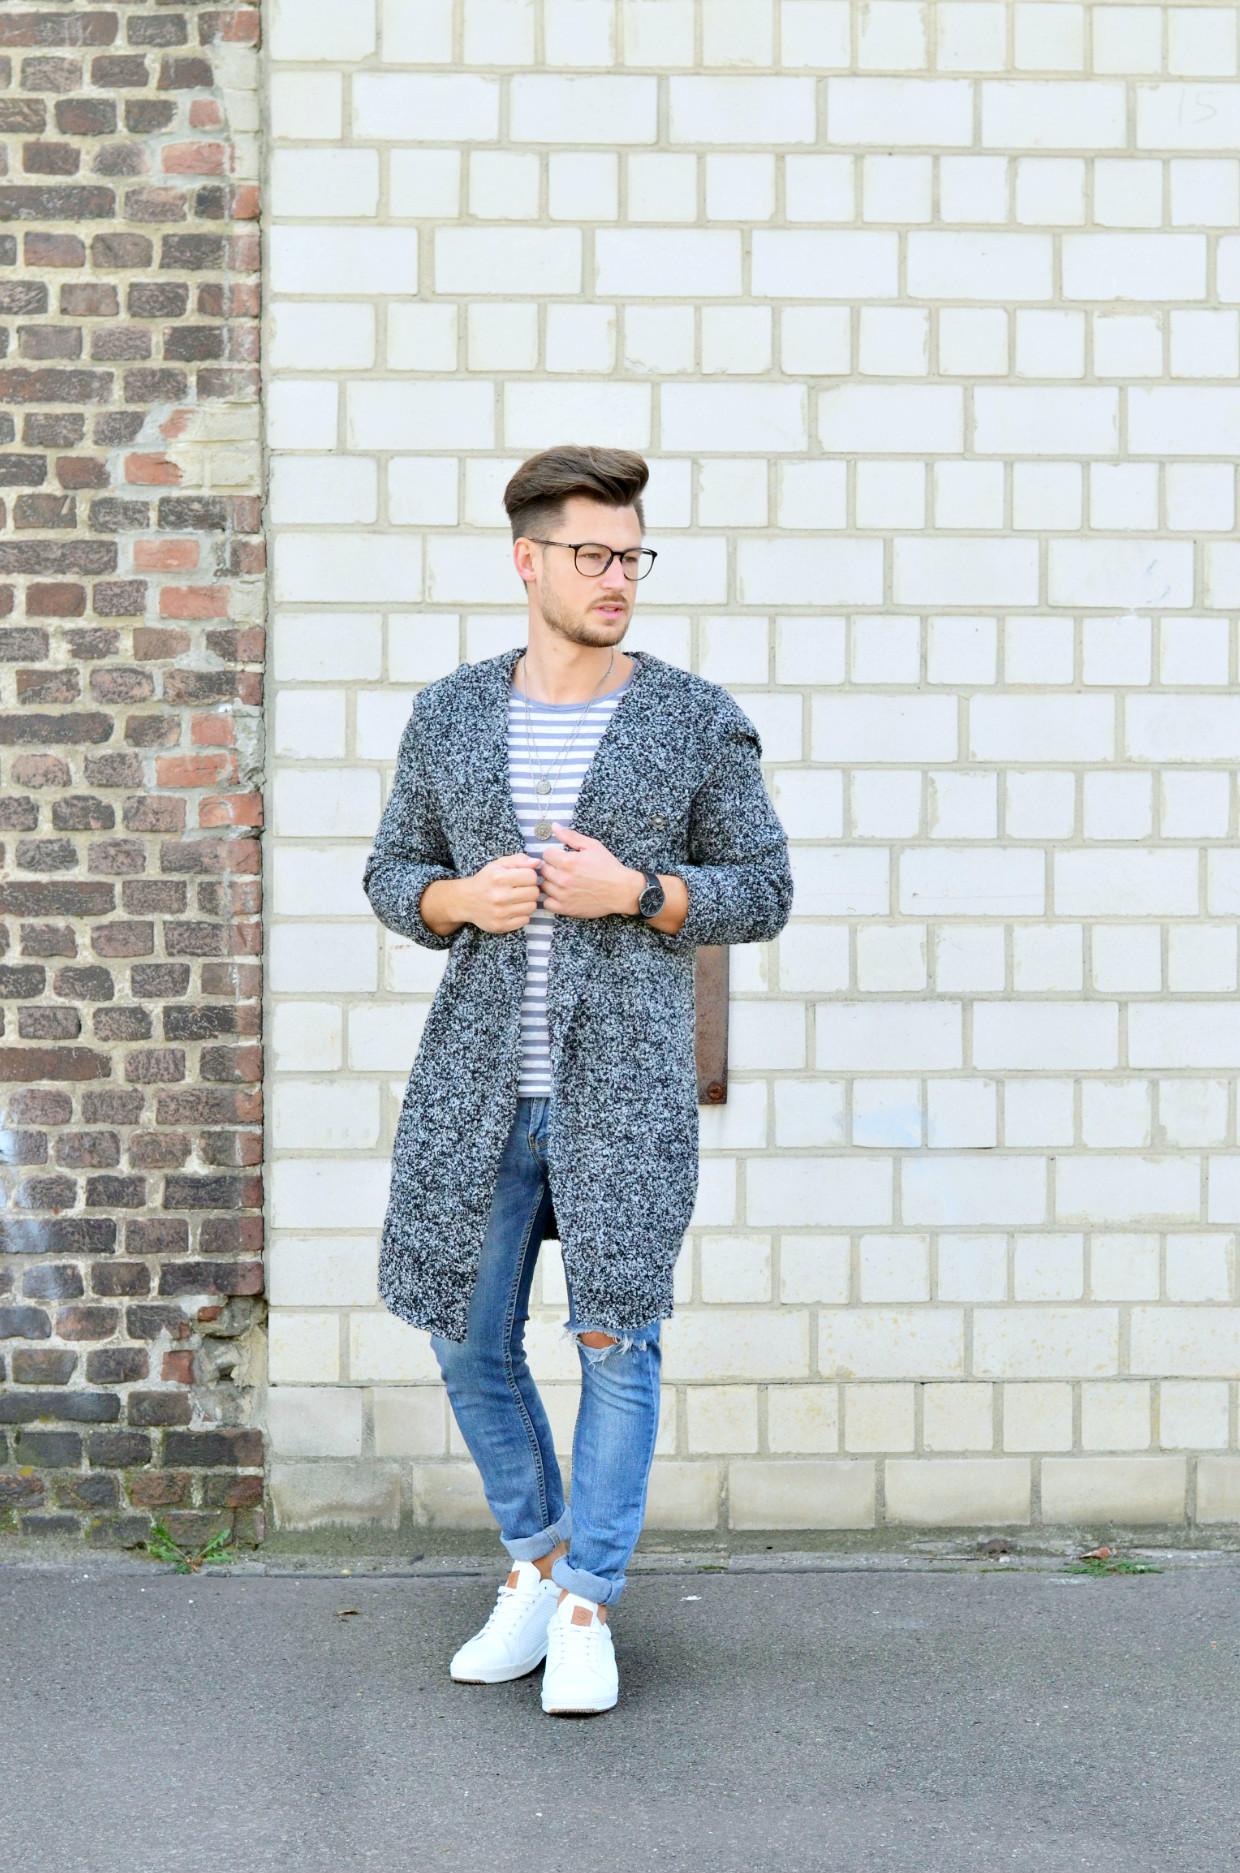 Männer-Blog-Berlin-Outfit-Cardigan-Jeans-Streifenshirt-Sneaker-Brille